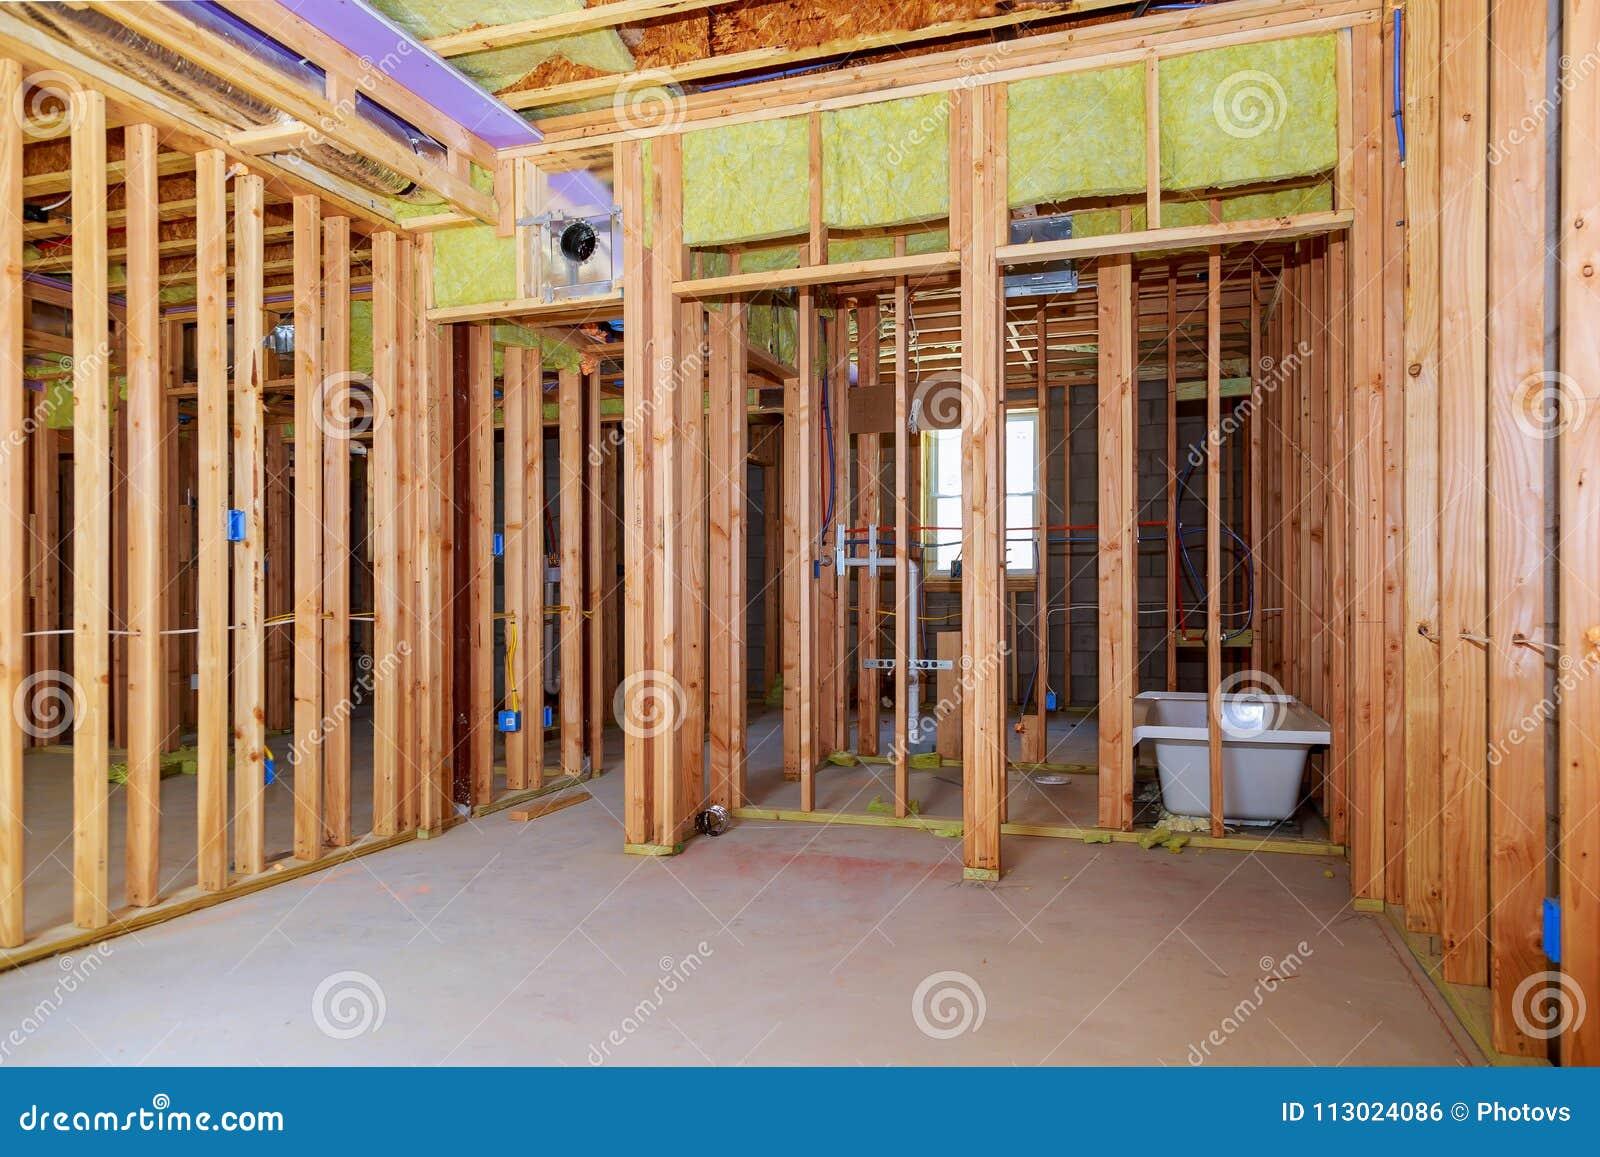 Le Mur Interieur Encadrant Avec L Installation Sifflante Dans La